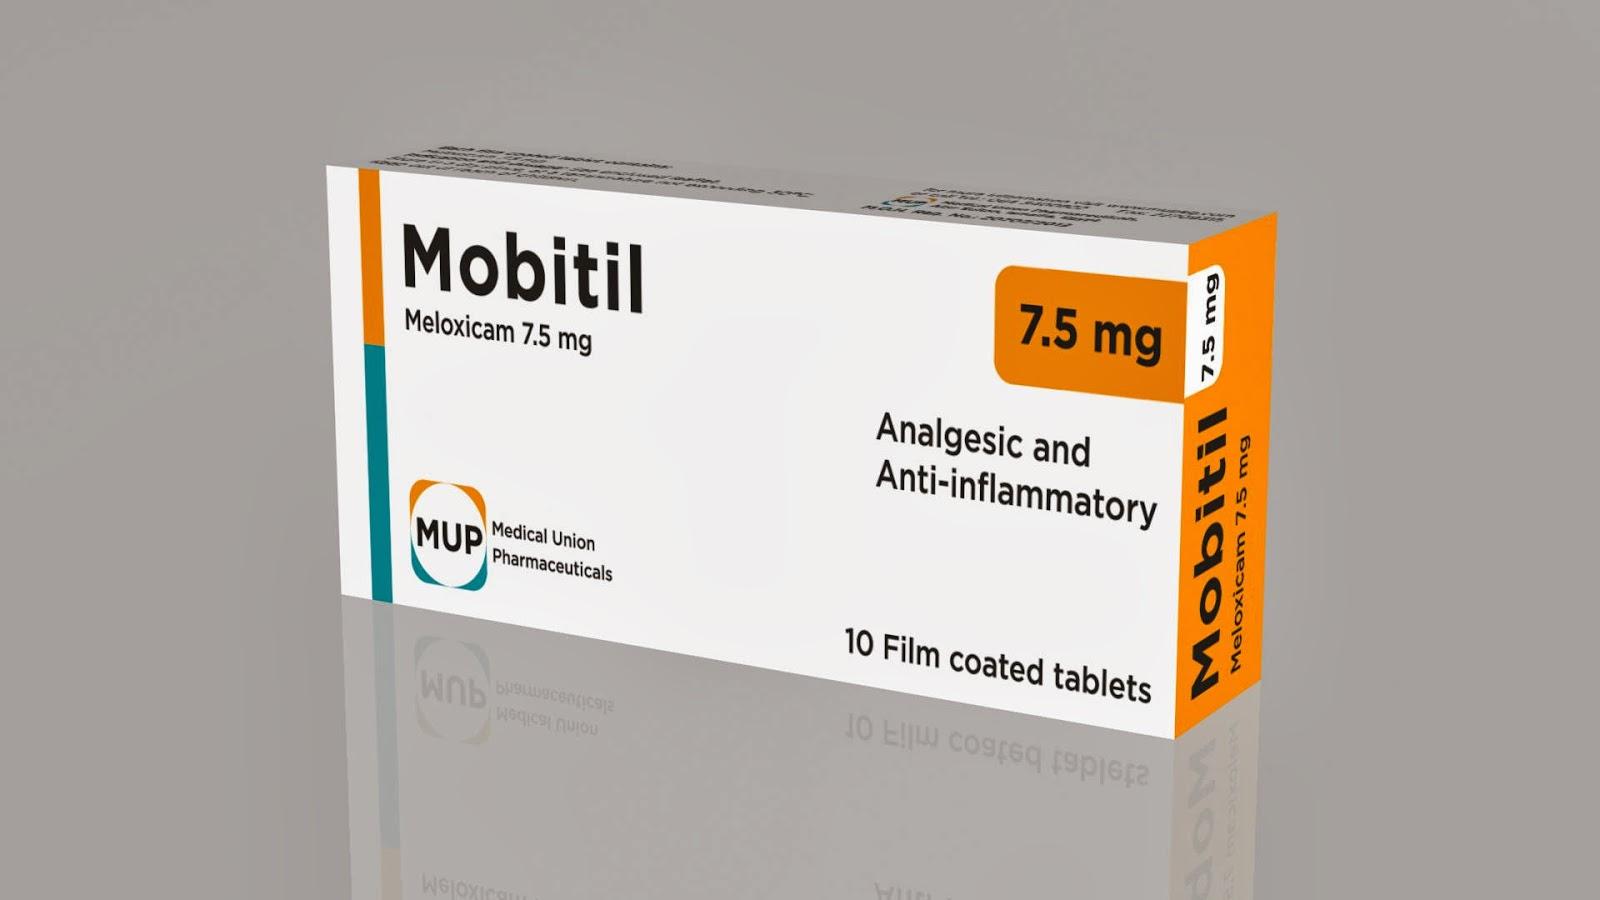 موبيتيل – ميلوكسيكام – لتخفيف الآلم و الإلتهاب